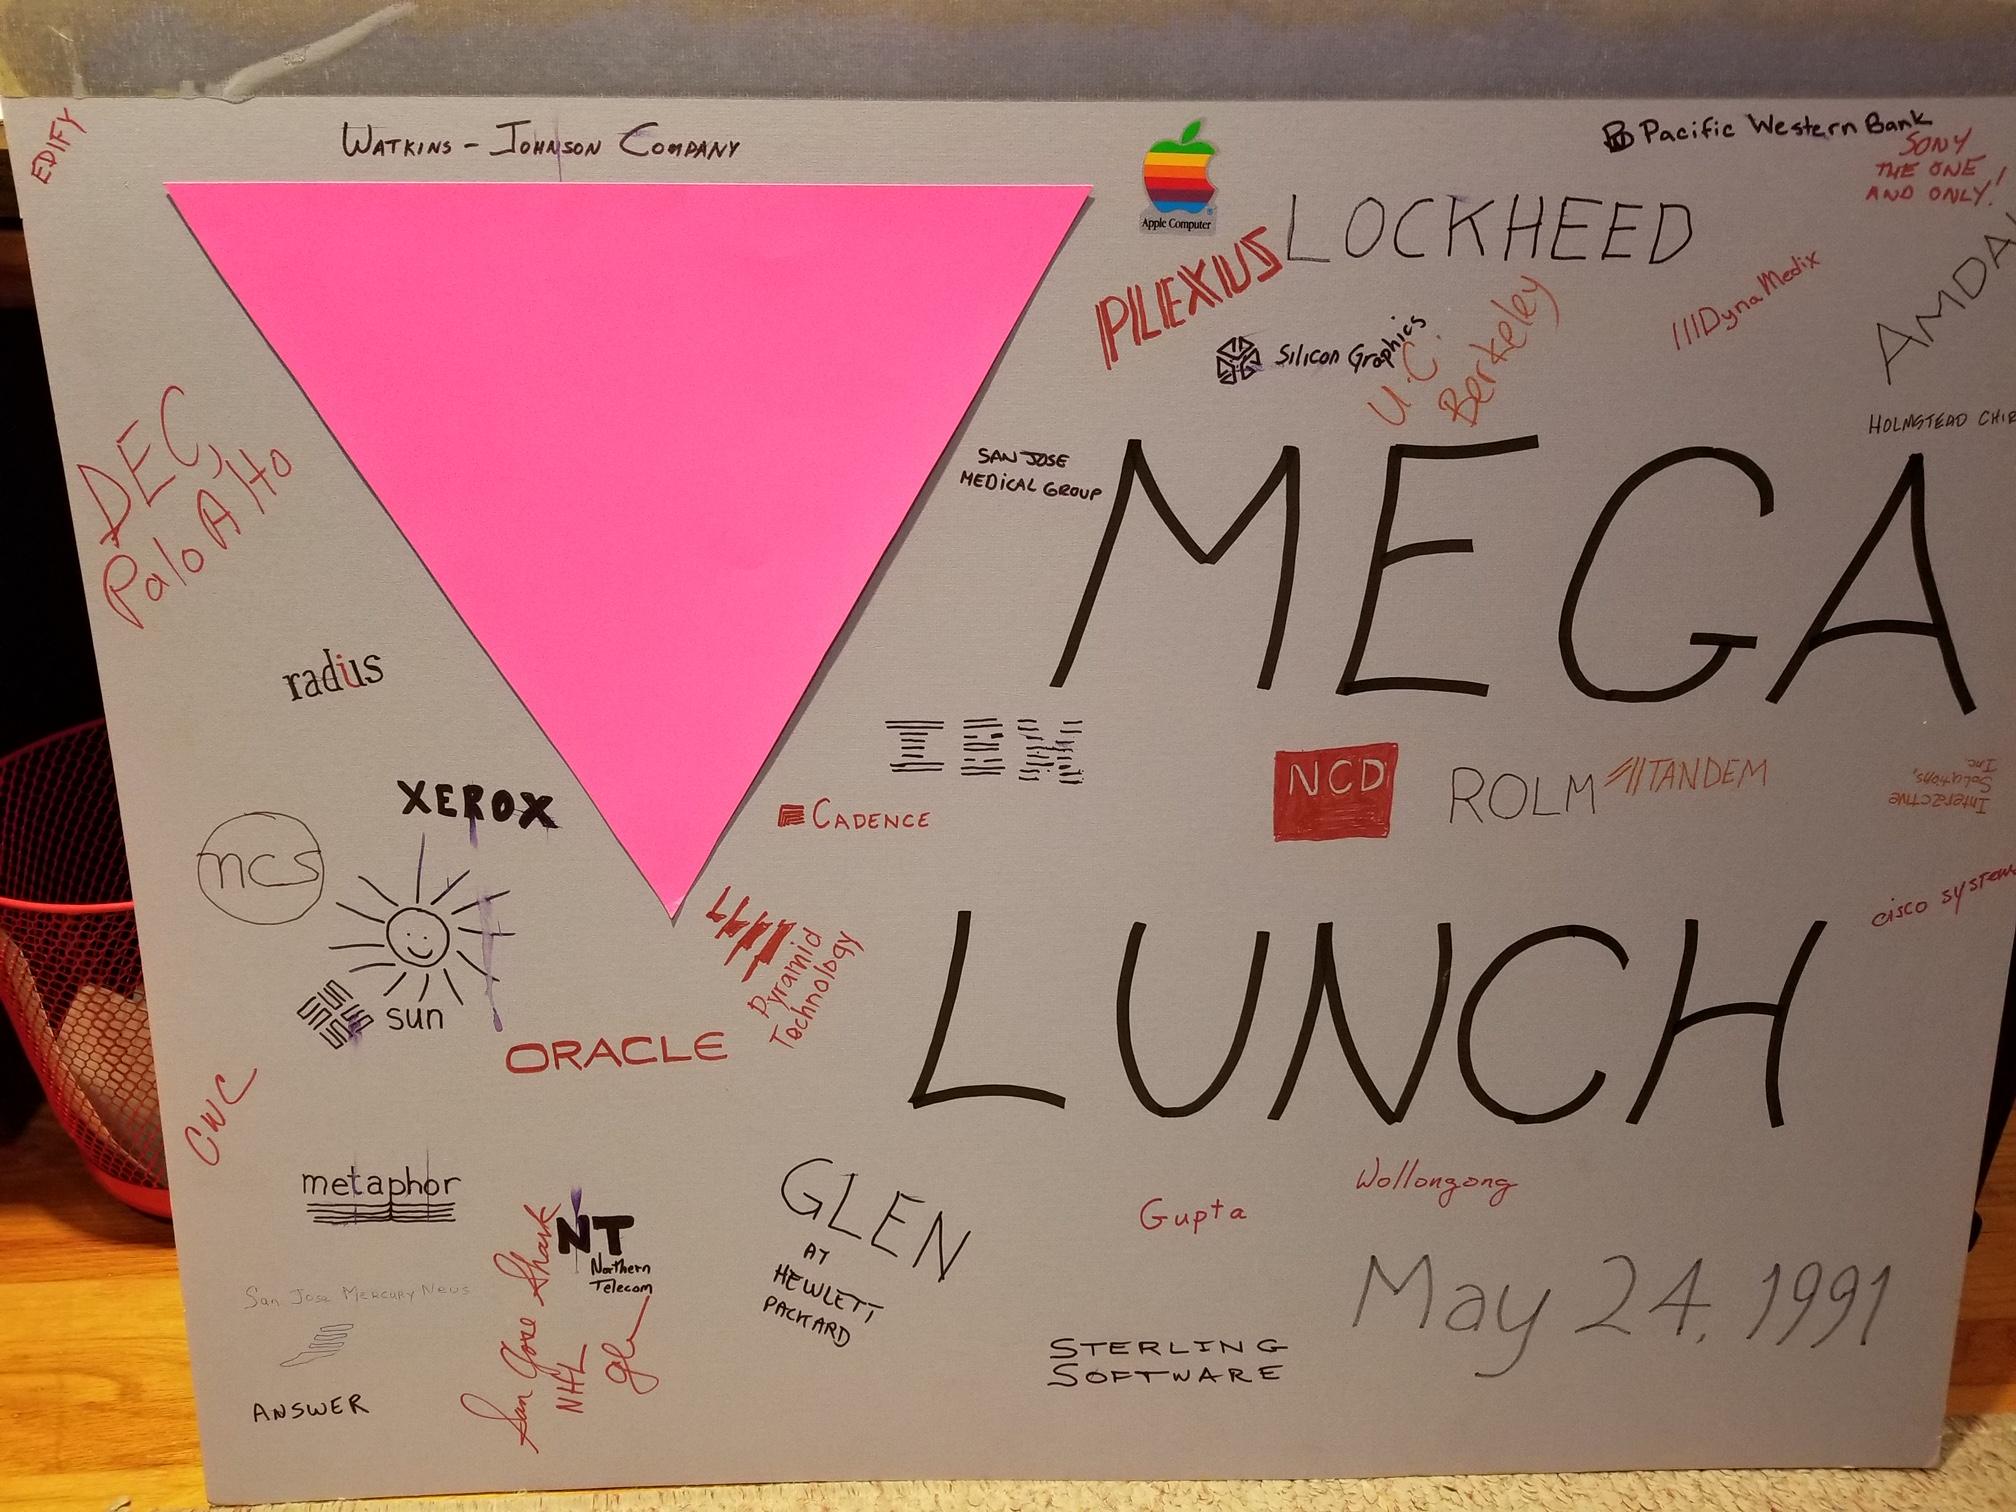 mega lunch sign 1991